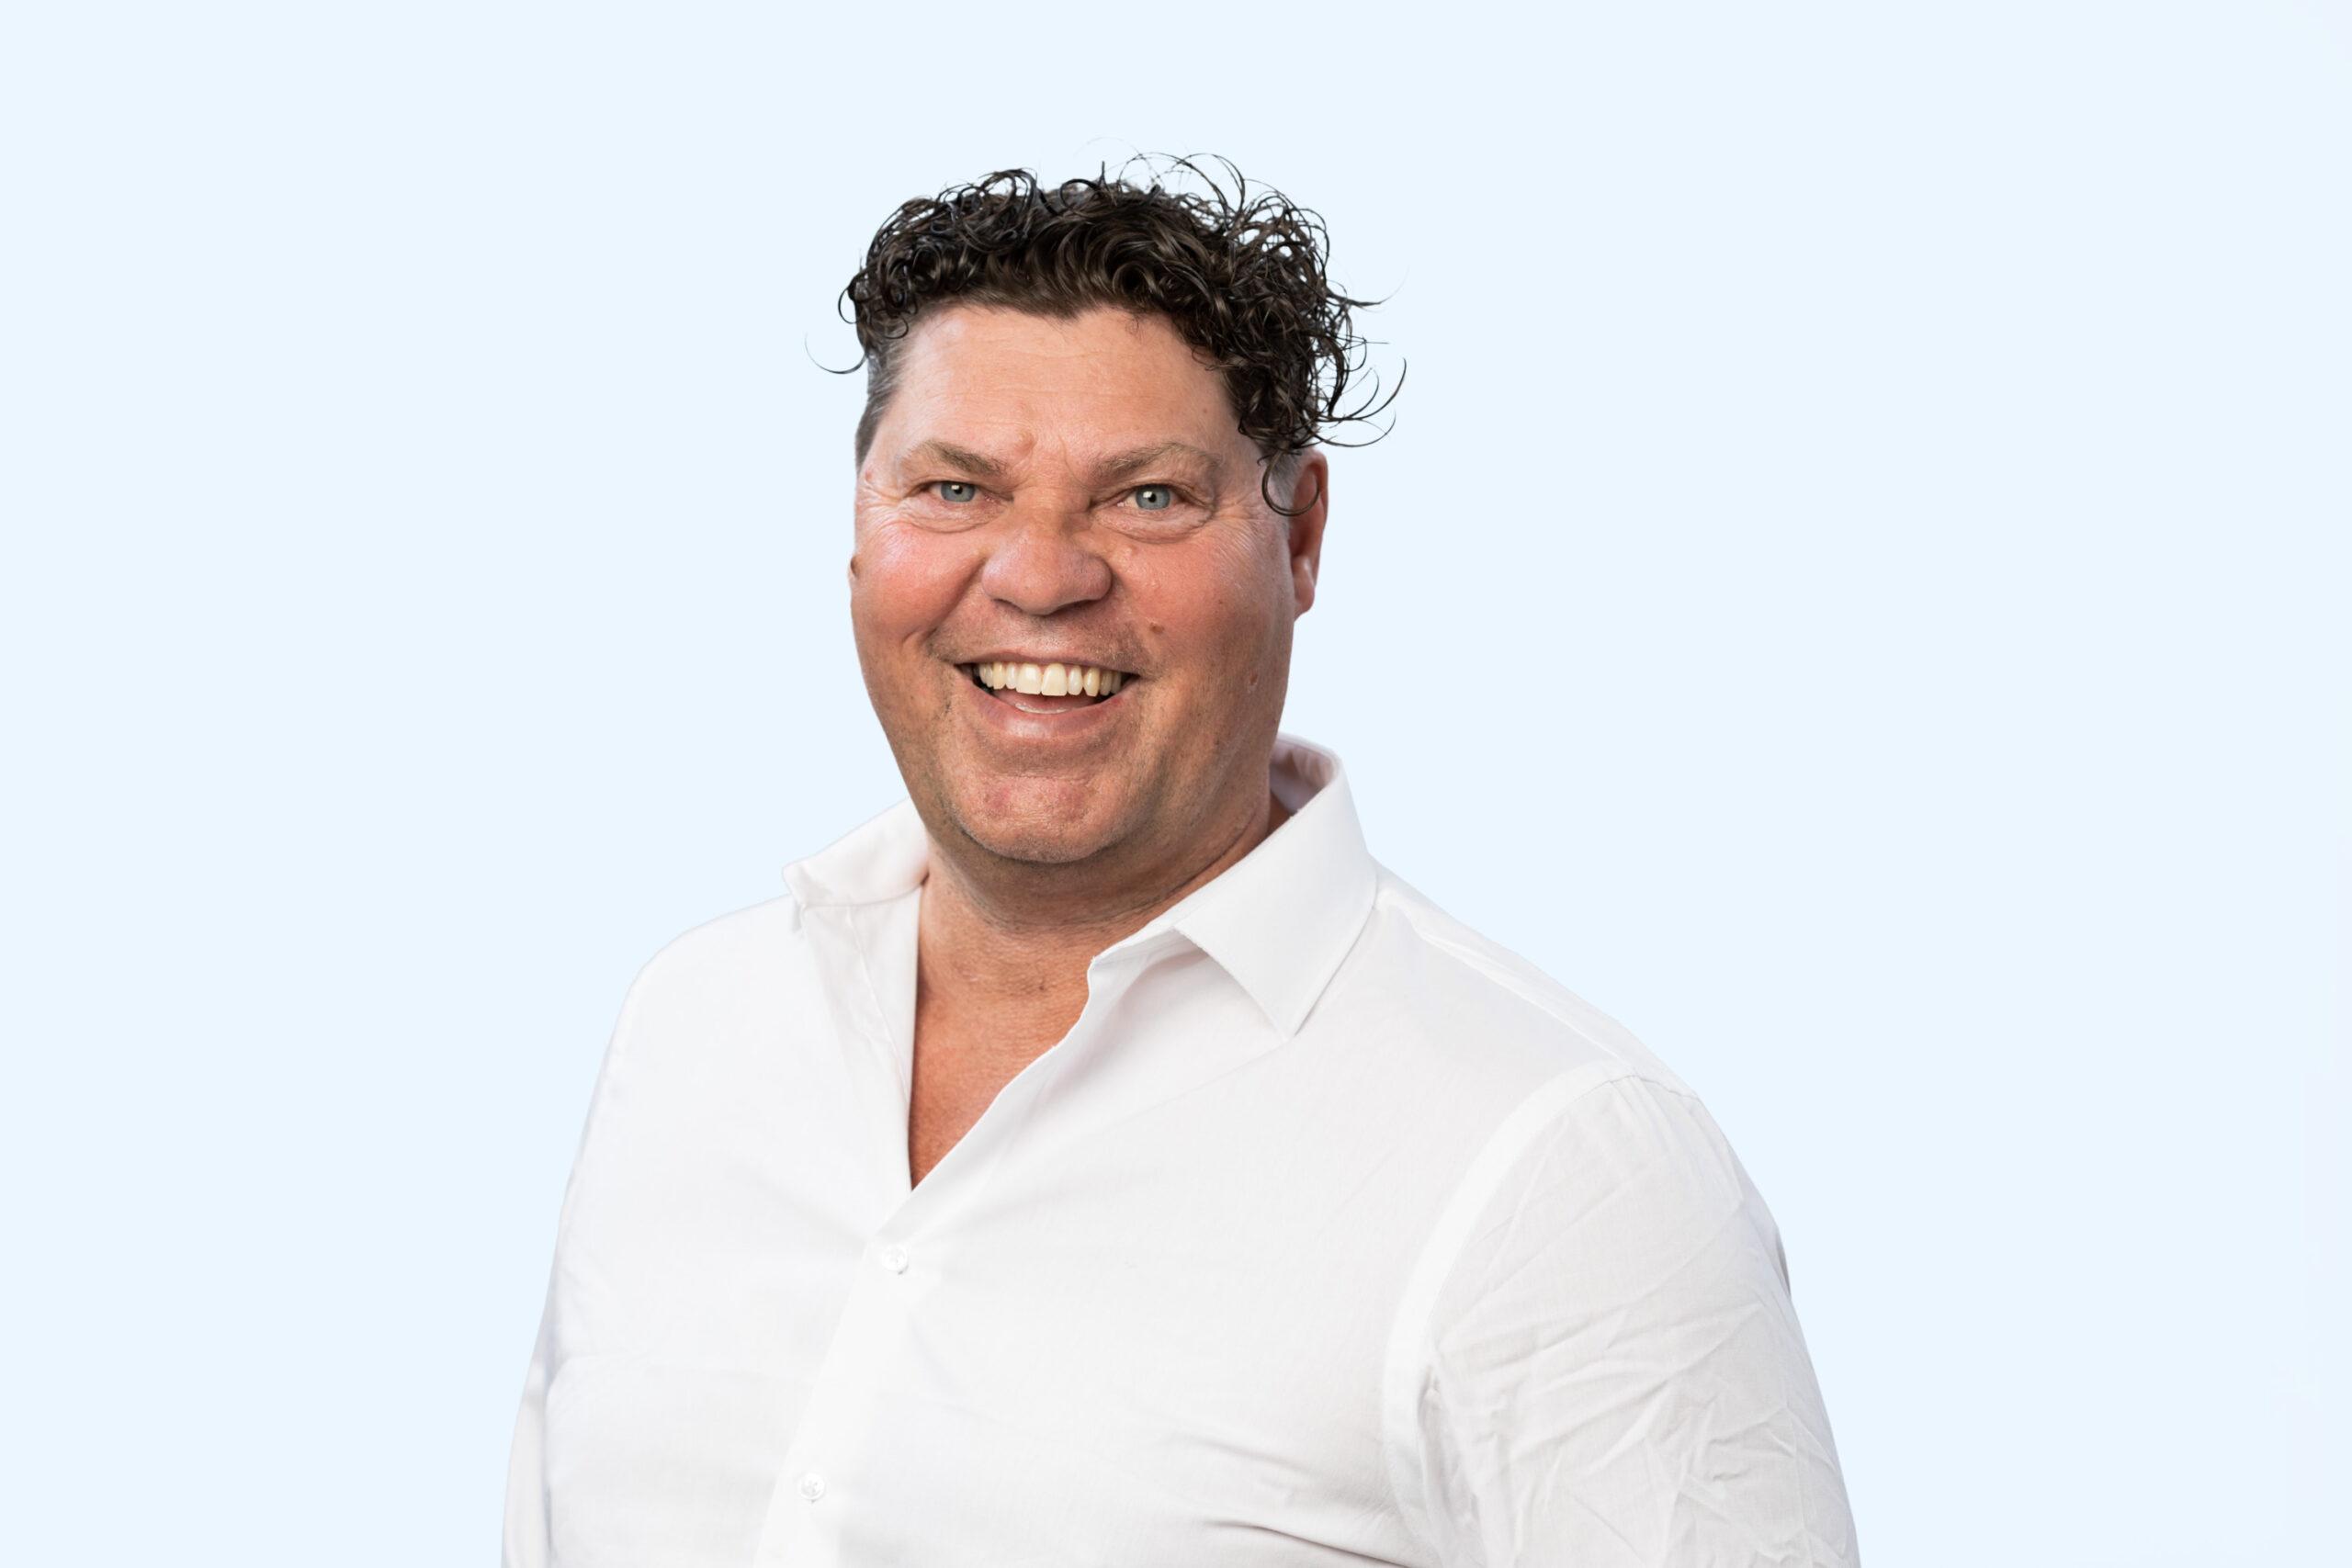 Guido Houtepen